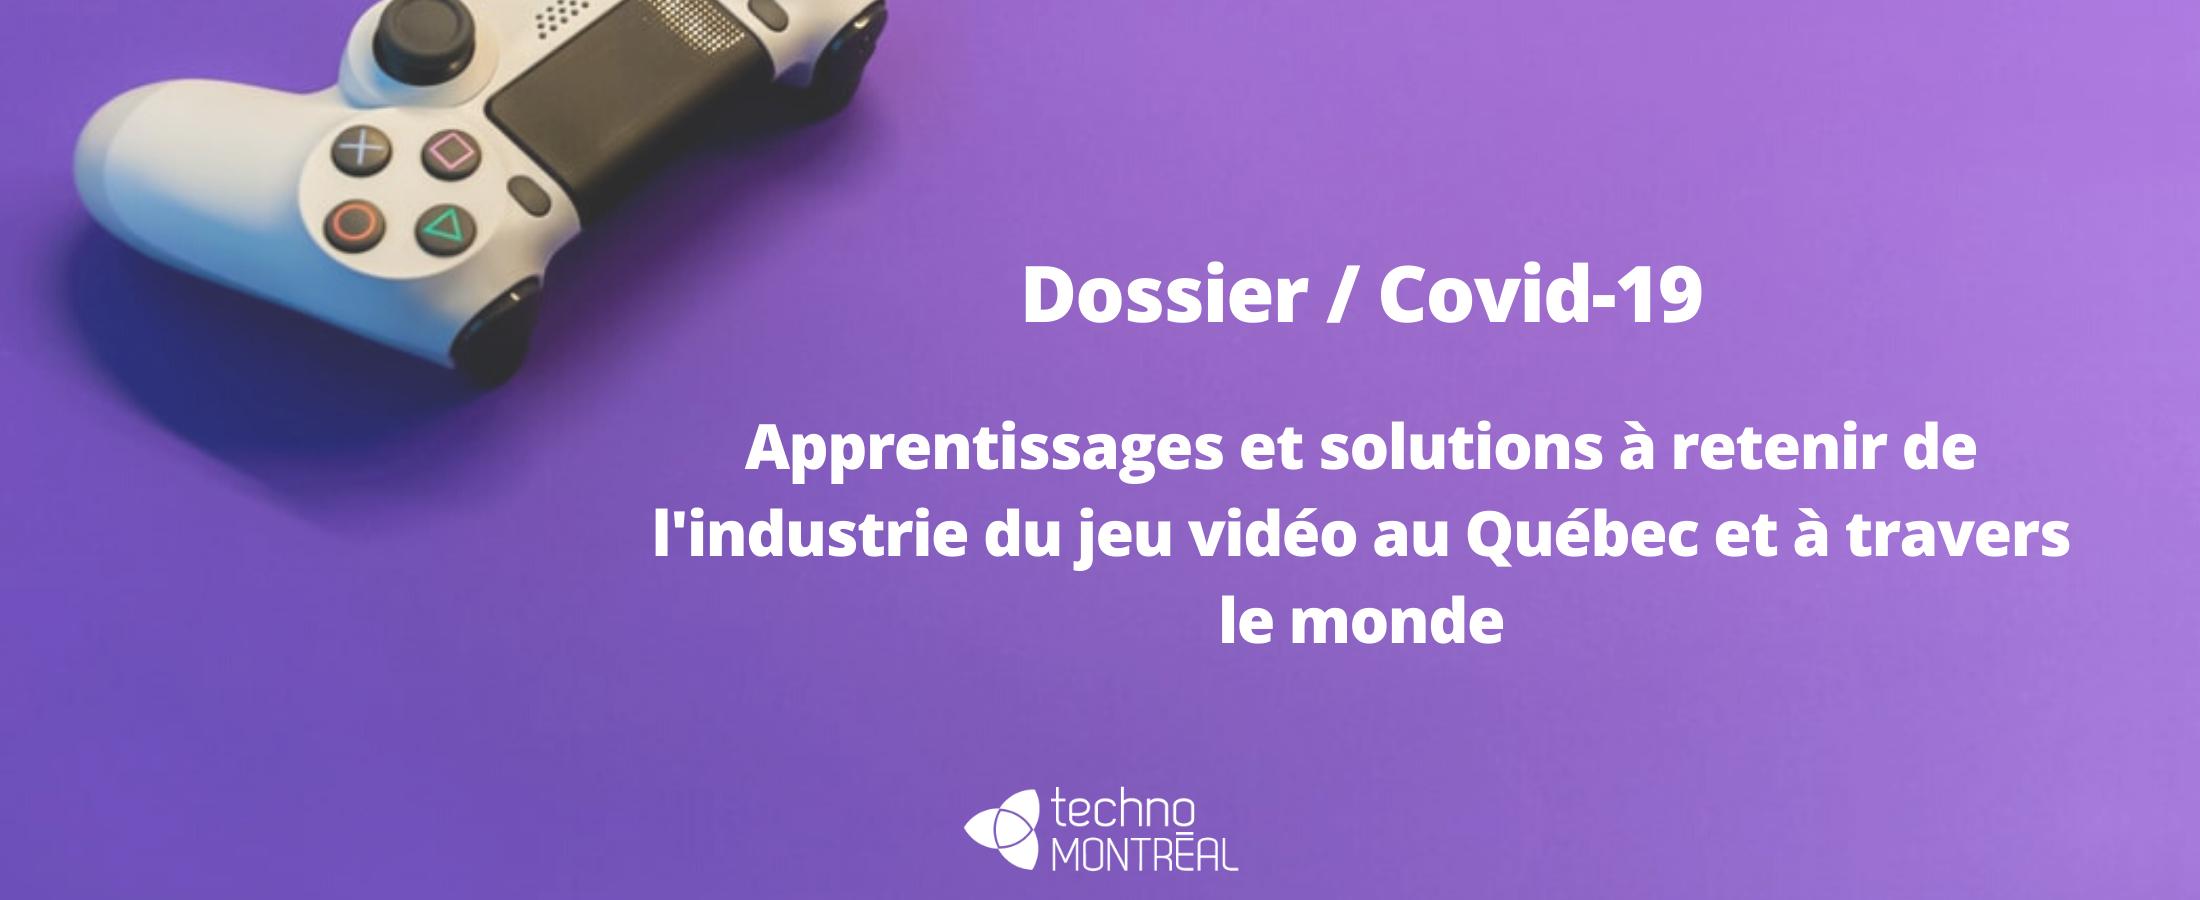 Dossier / Covid-19  Apprentissages et solutions à retenir de l'industrie du jeu vidéo au Québec et à travers le monde